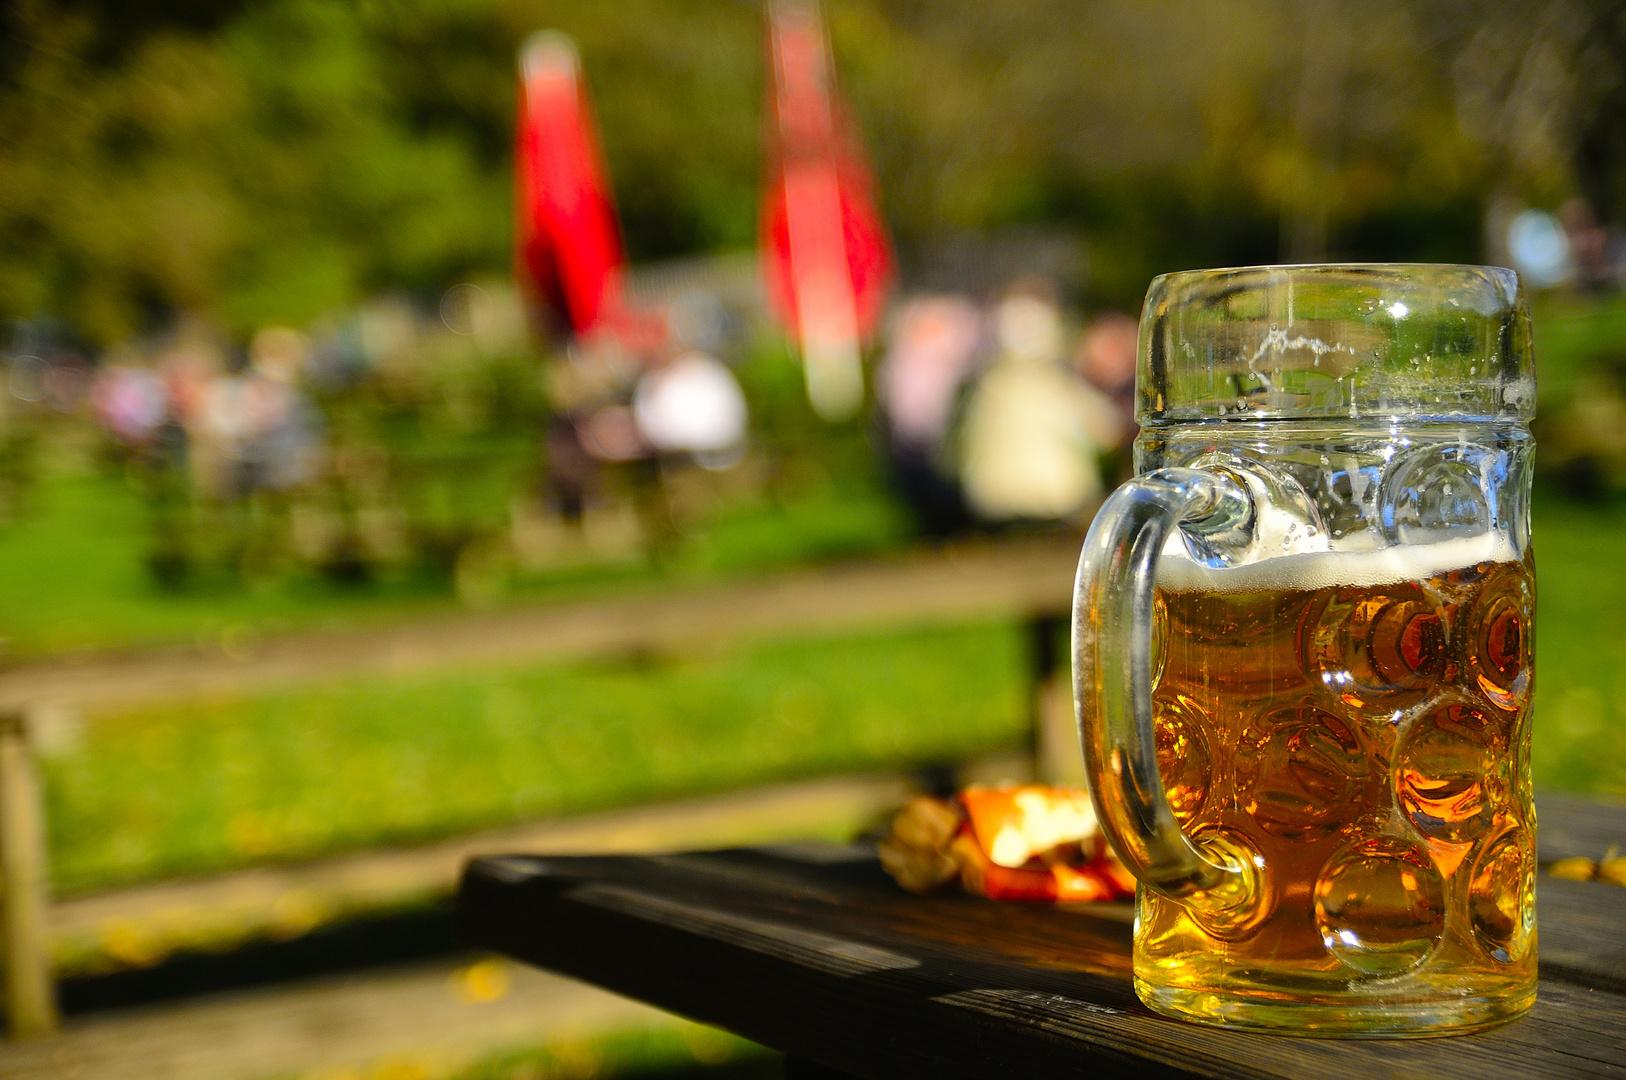 Biergarten im Herbst - Prost